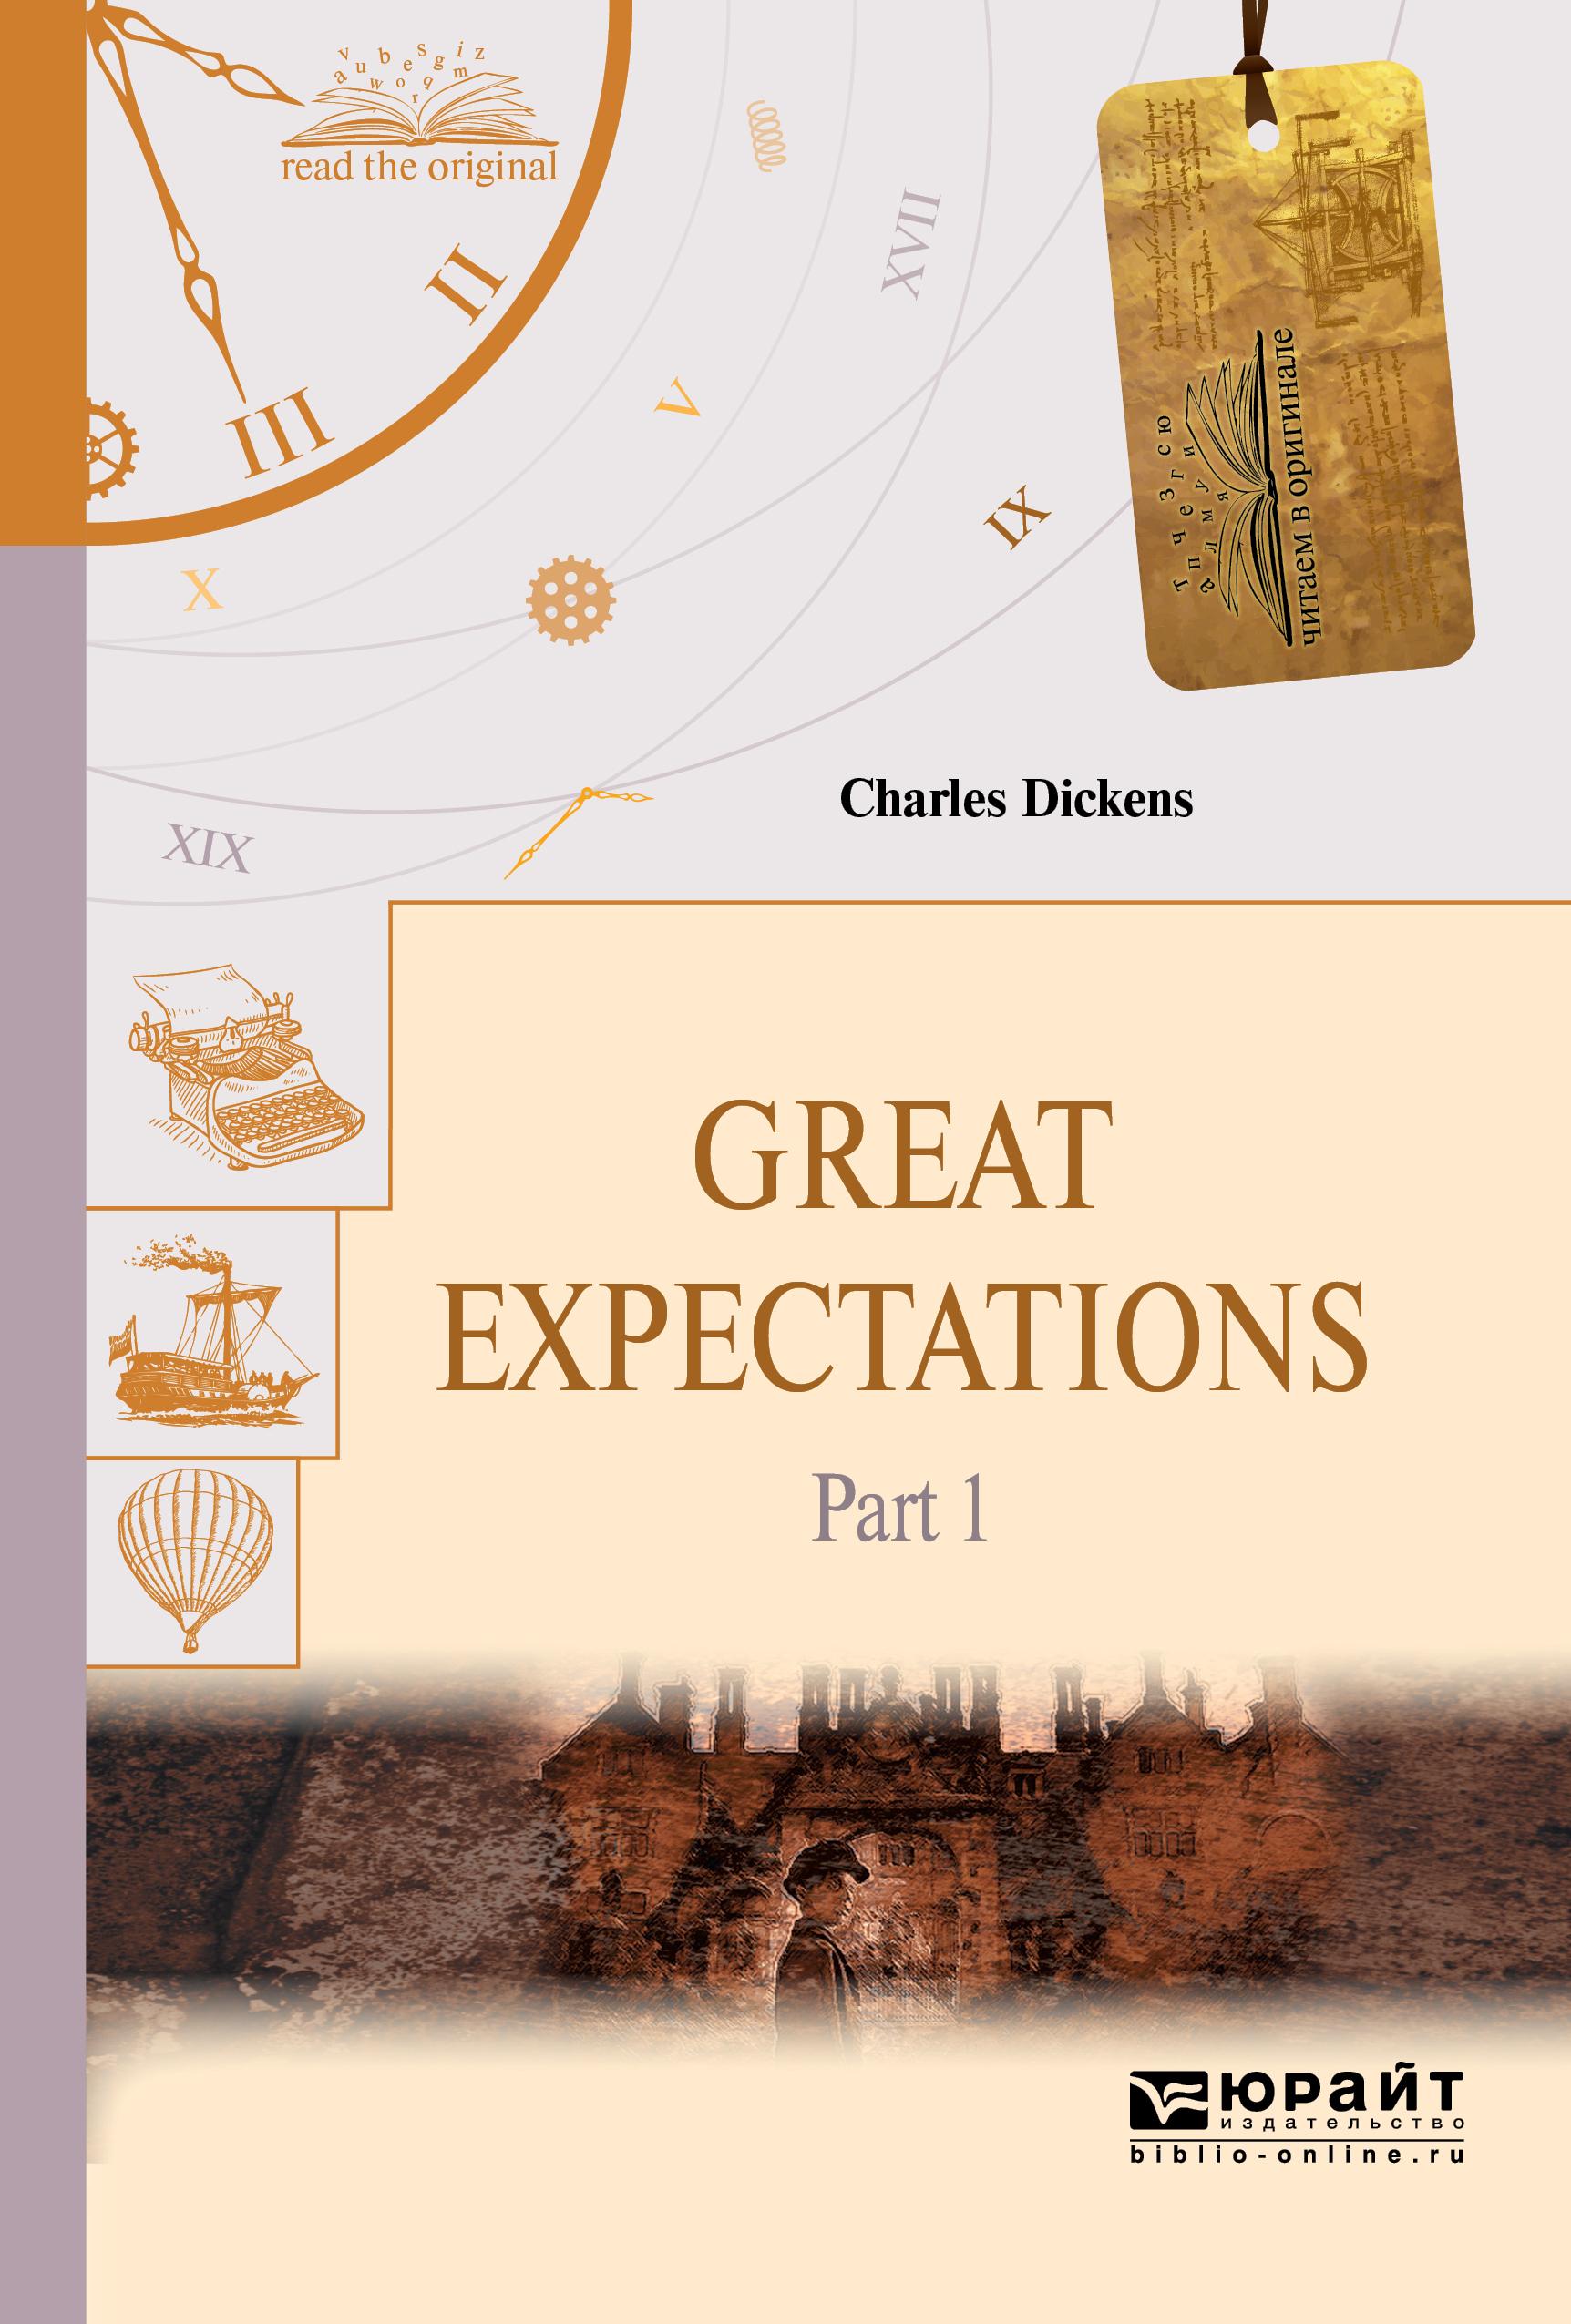 Диккенс Чарльз Great Expectations. Part 1 / Большие надежды. В 2 частях. Часть 1 статуэтки parastone статуэтка большие ожидания great expectations